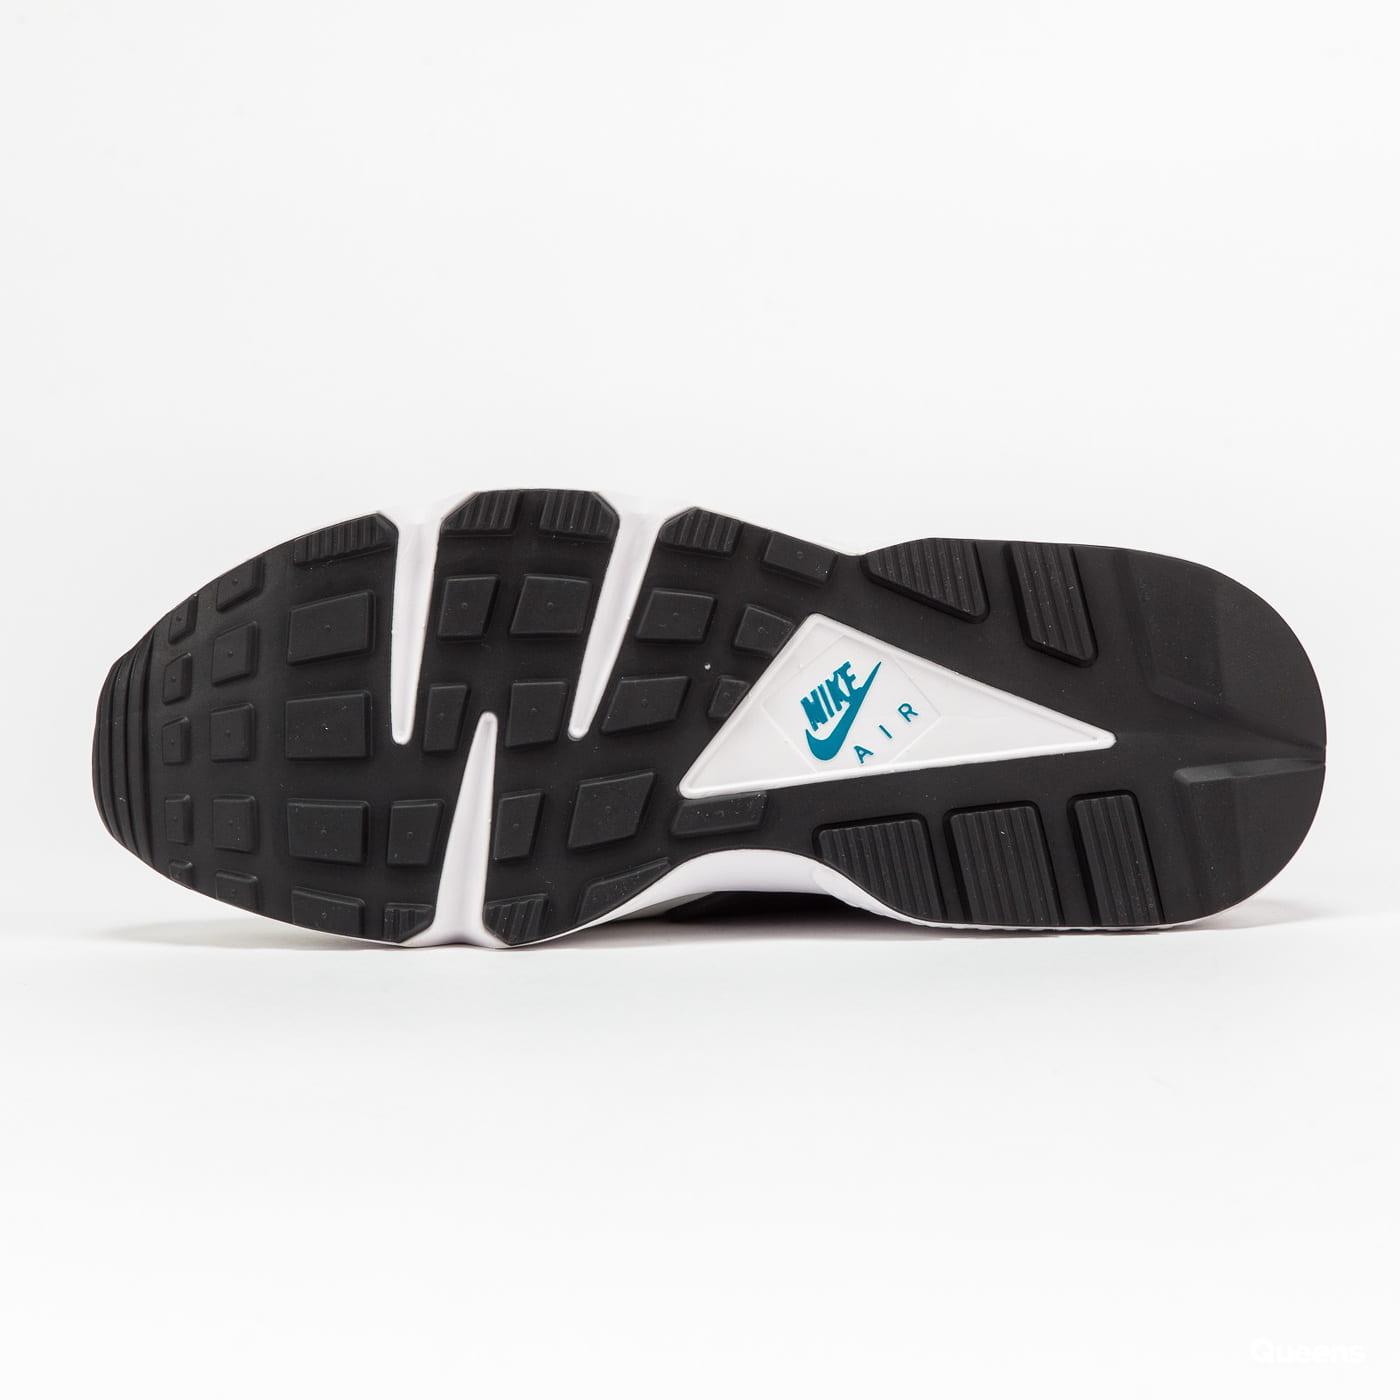 Nike Air Huarache white / aquatone - deep magenta